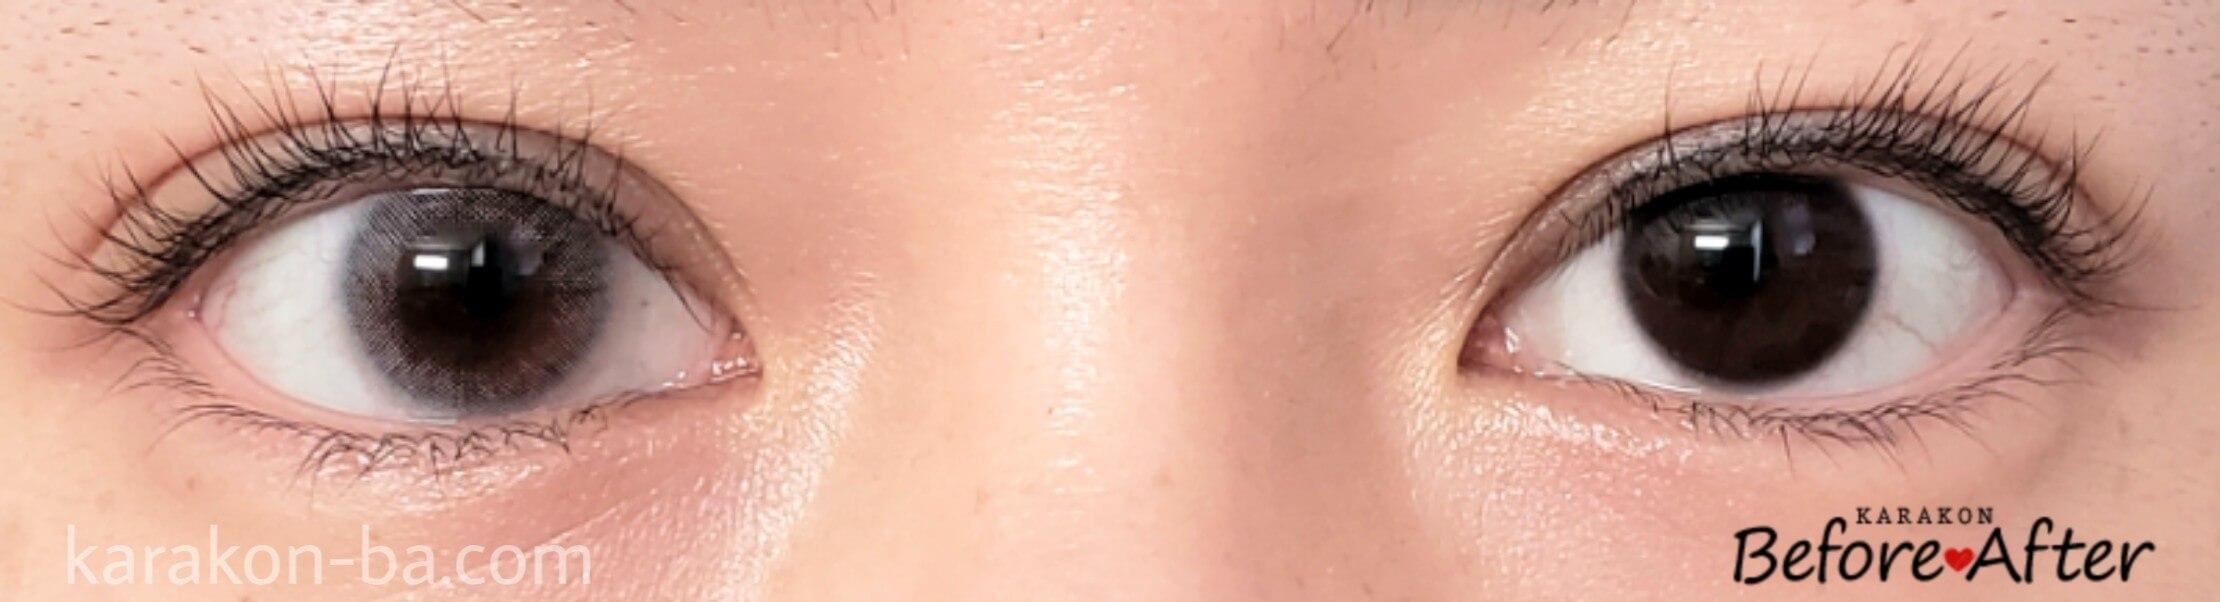 メルトグレージュのカラコン装着画像/裸眼と比較